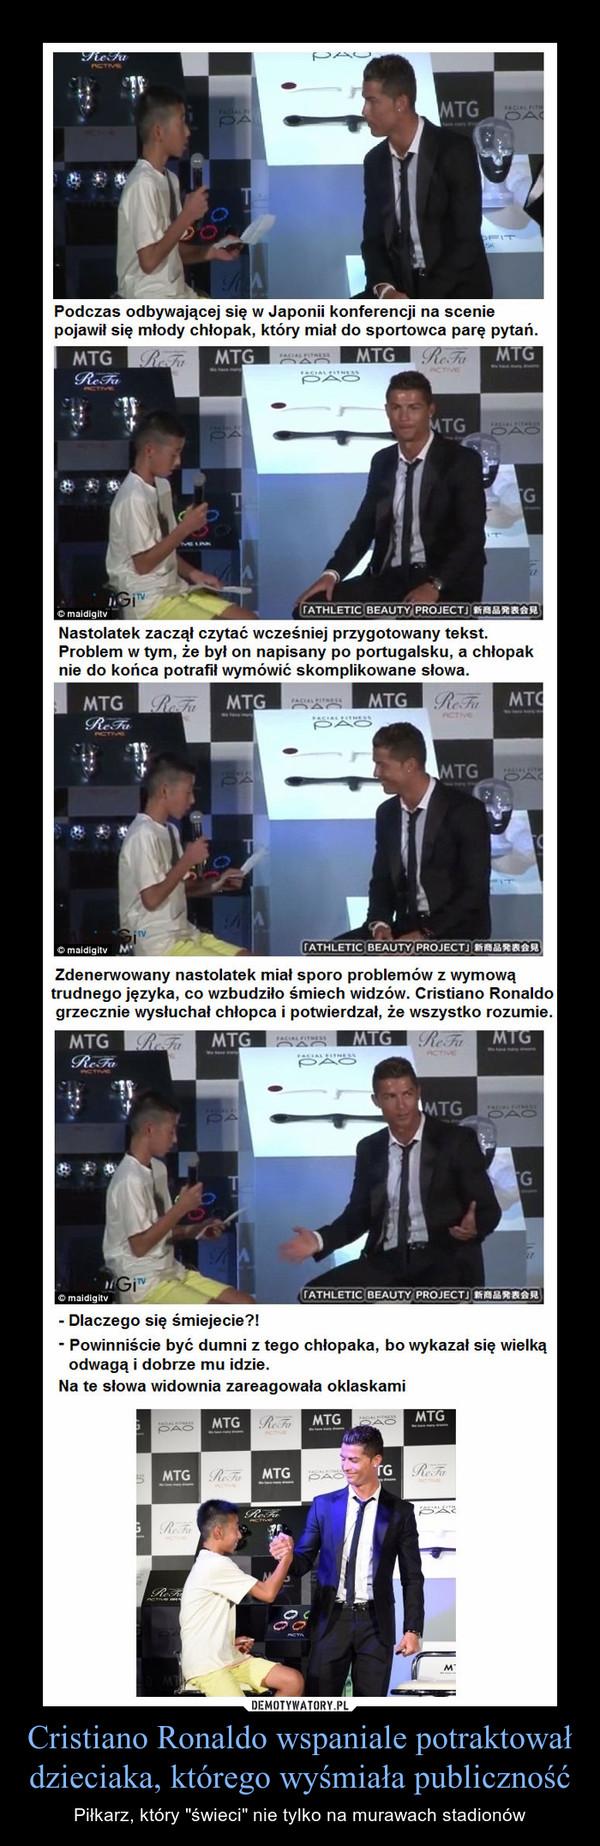 """Cristiano Ronaldo wspaniale potraktował  dzieciaka, którego wyśmiała publiczność – Piłkarz, który """"świeci"""" nie tylko na murawach stadionów"""